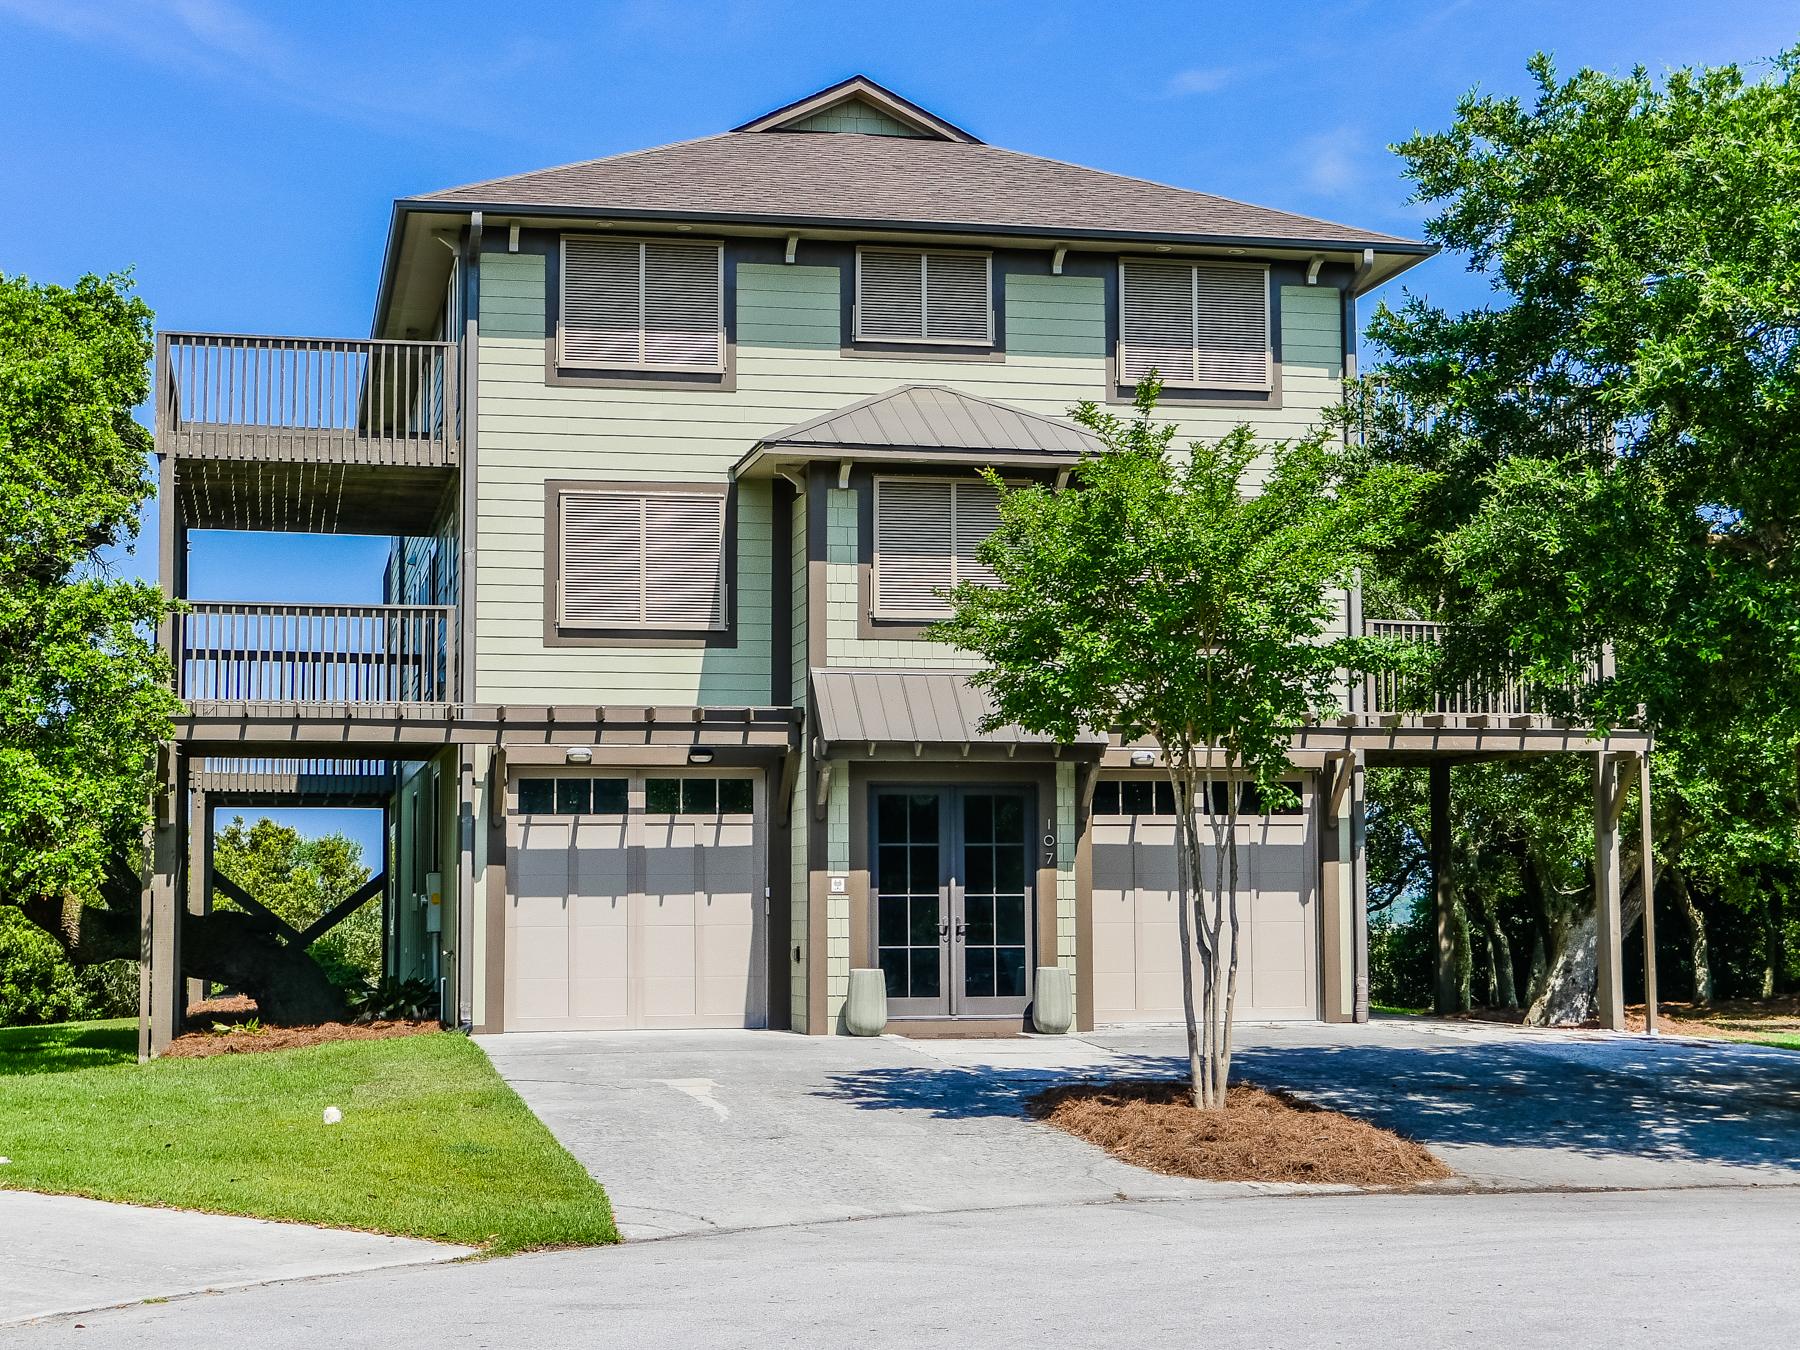 단독 가정 주택 용 매매 에 Sophisticated Style in a Harmonious Setting 107 Twilight Court Surf City, 노스캐놀라이나 28445 미국